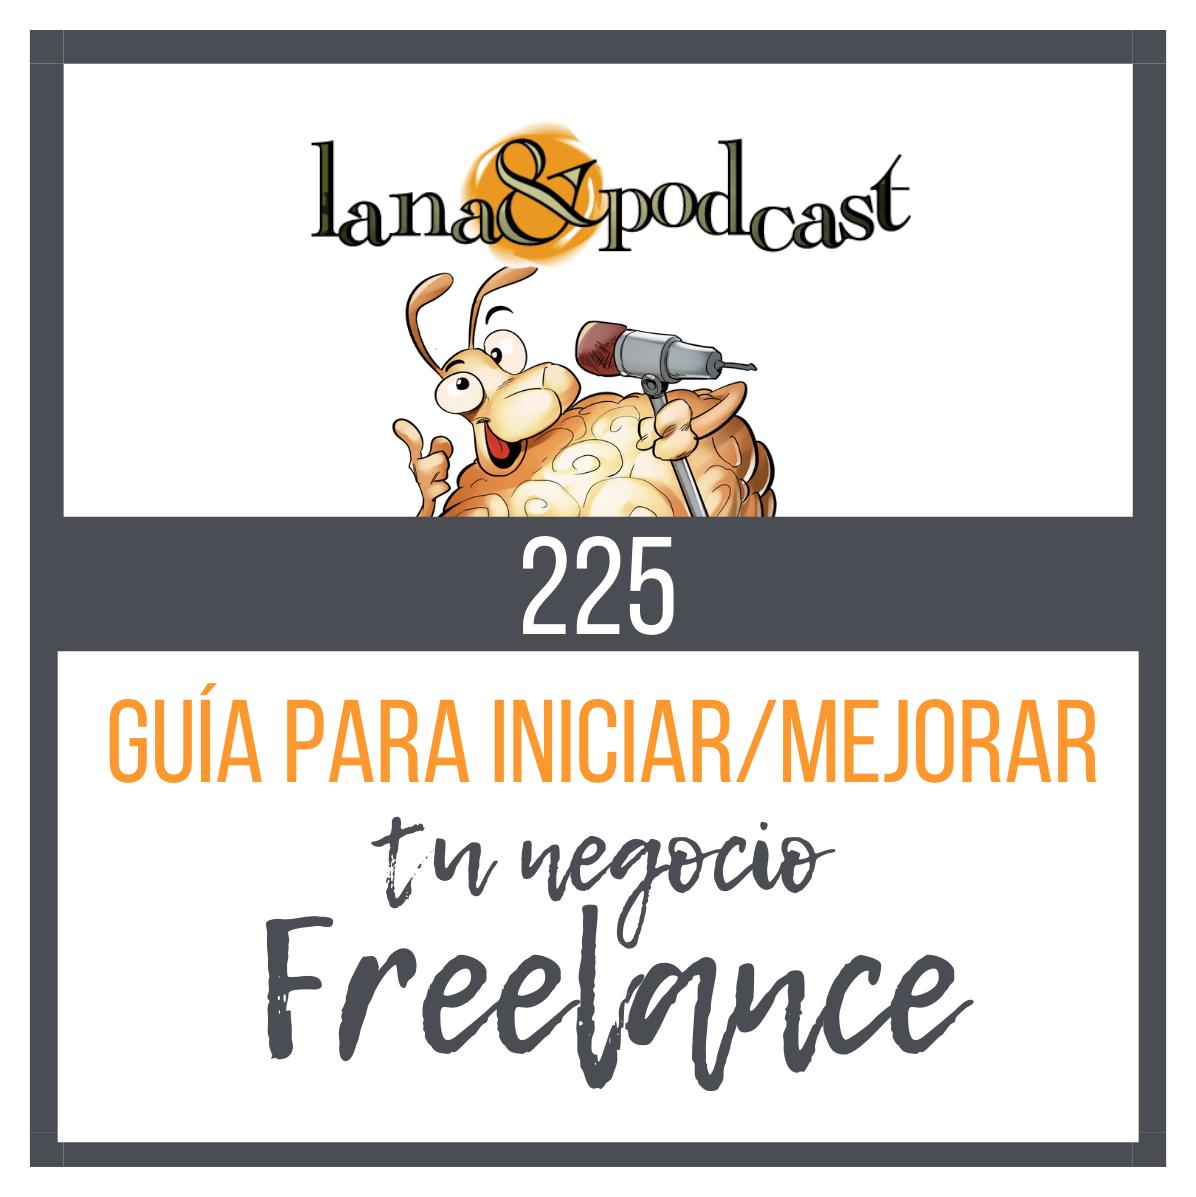 Guía para iniciar/mejorar tu negocio freelance #225